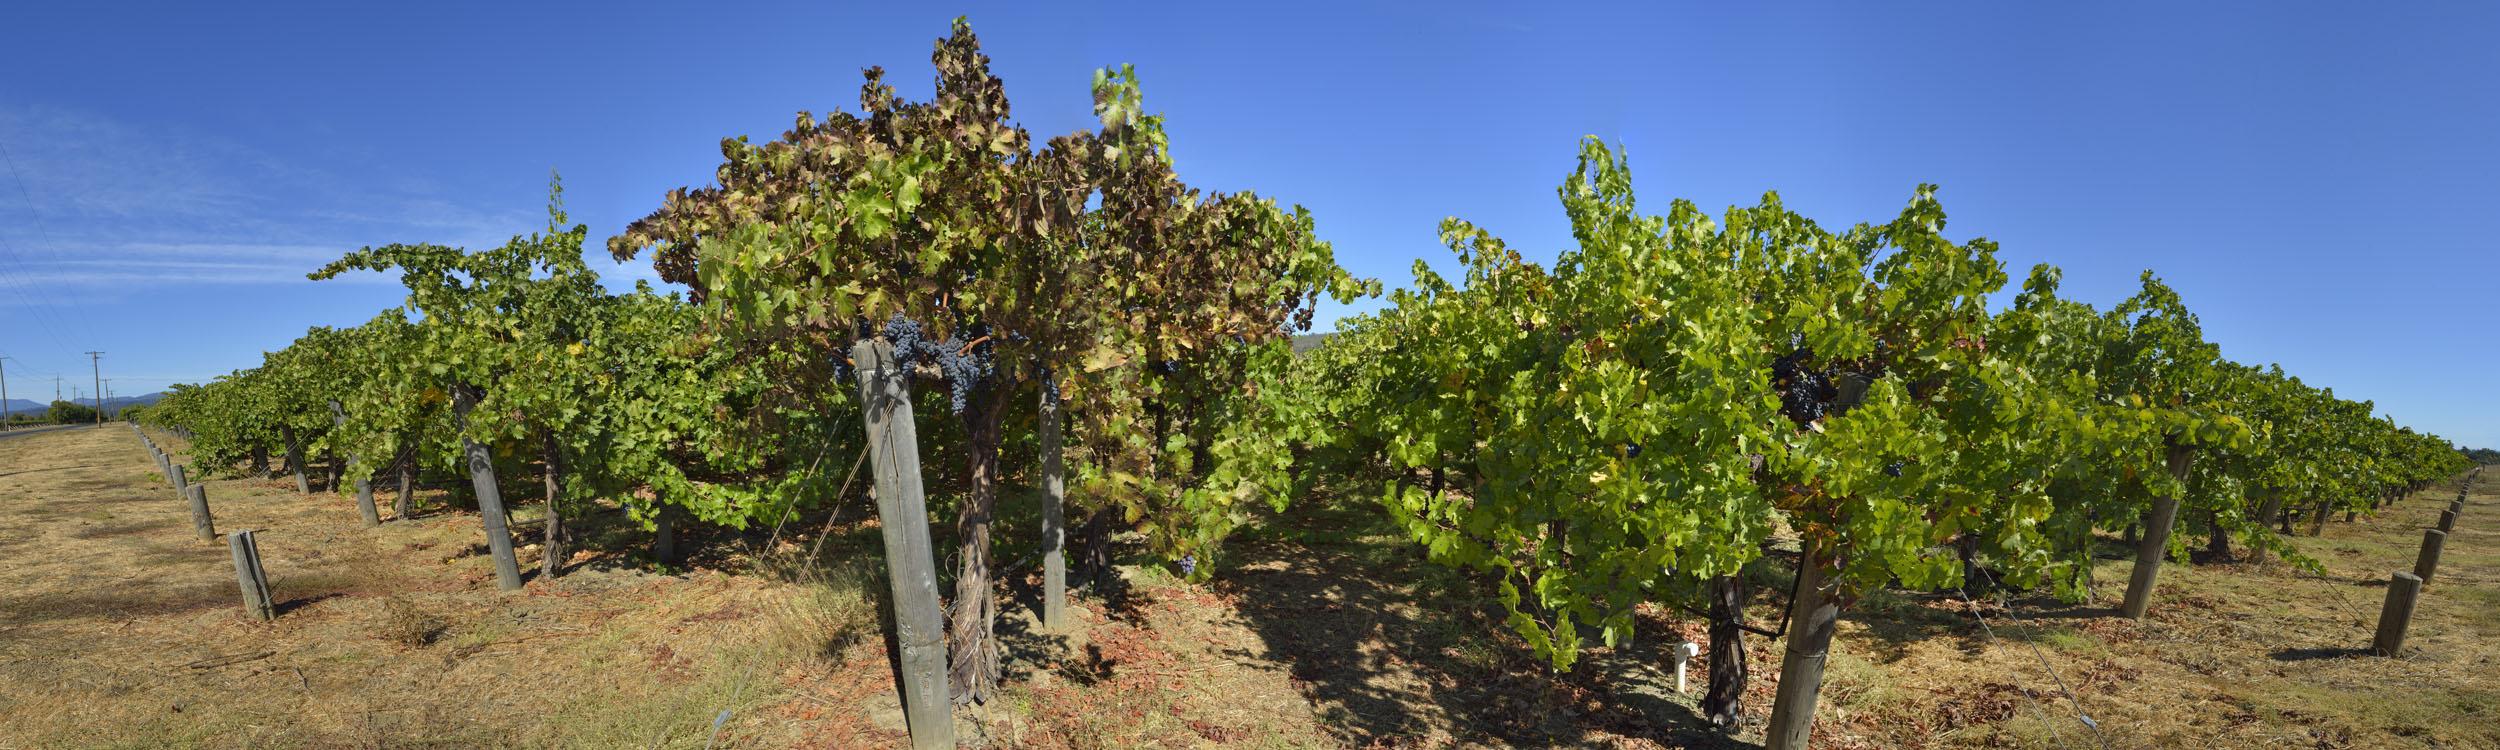 Vineyards at Harvest Time